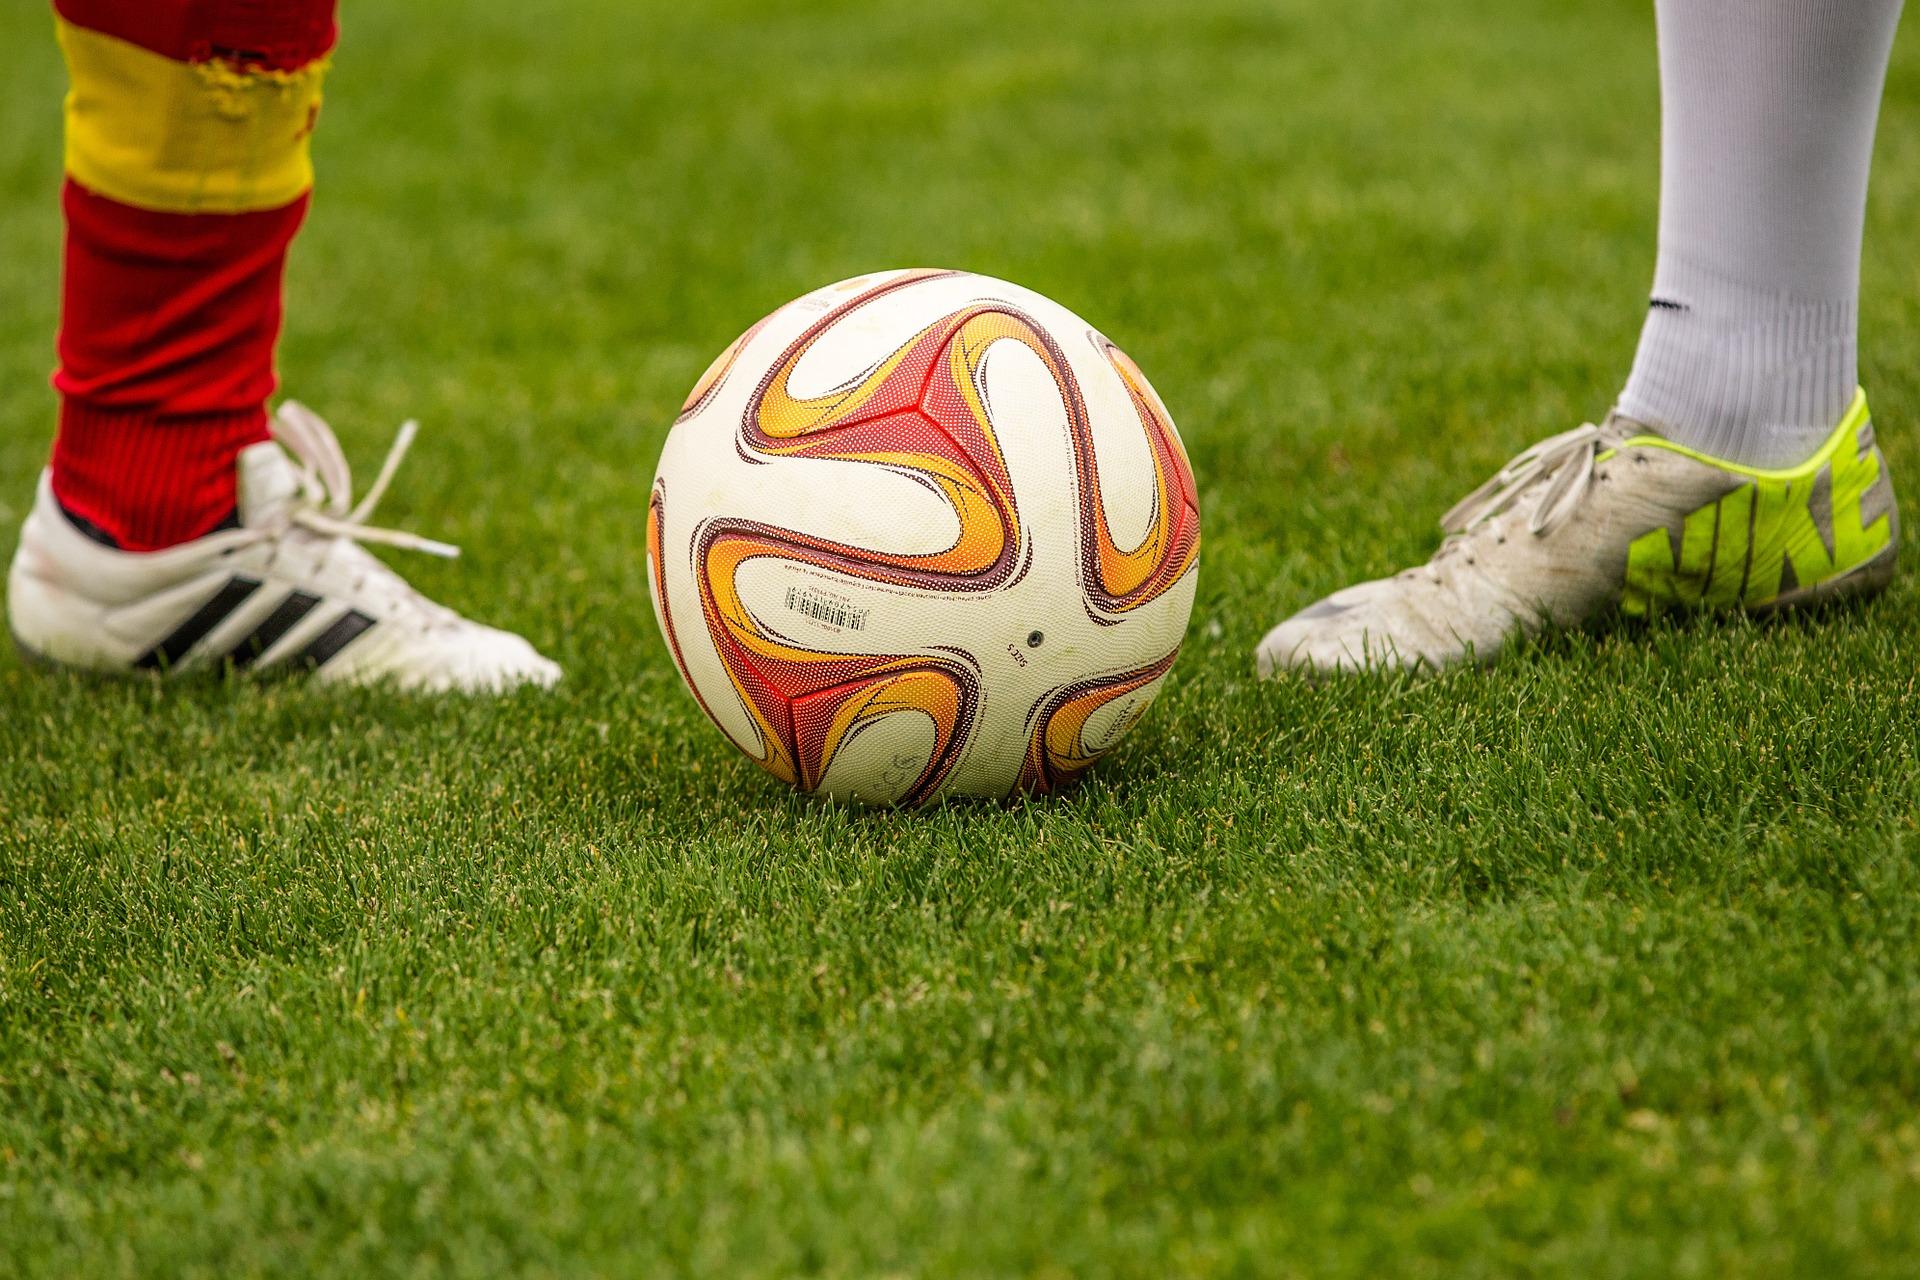 Nieuwsbericht: VoetbalTV: onschuldig vermaak of een flagrante privacyschending?